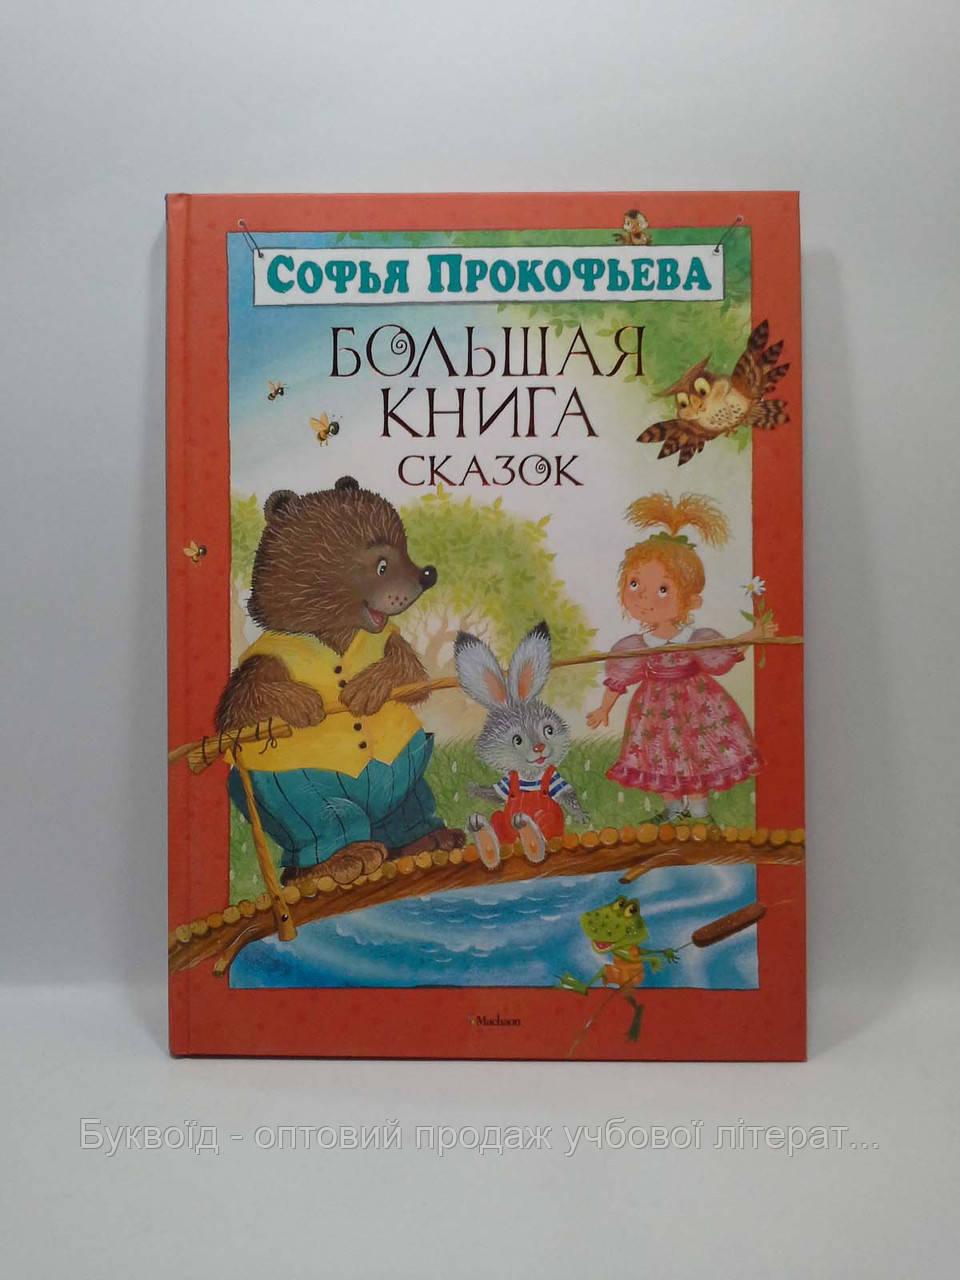 Мах Велика книга (рус) Прокофьева Большая книга сказок